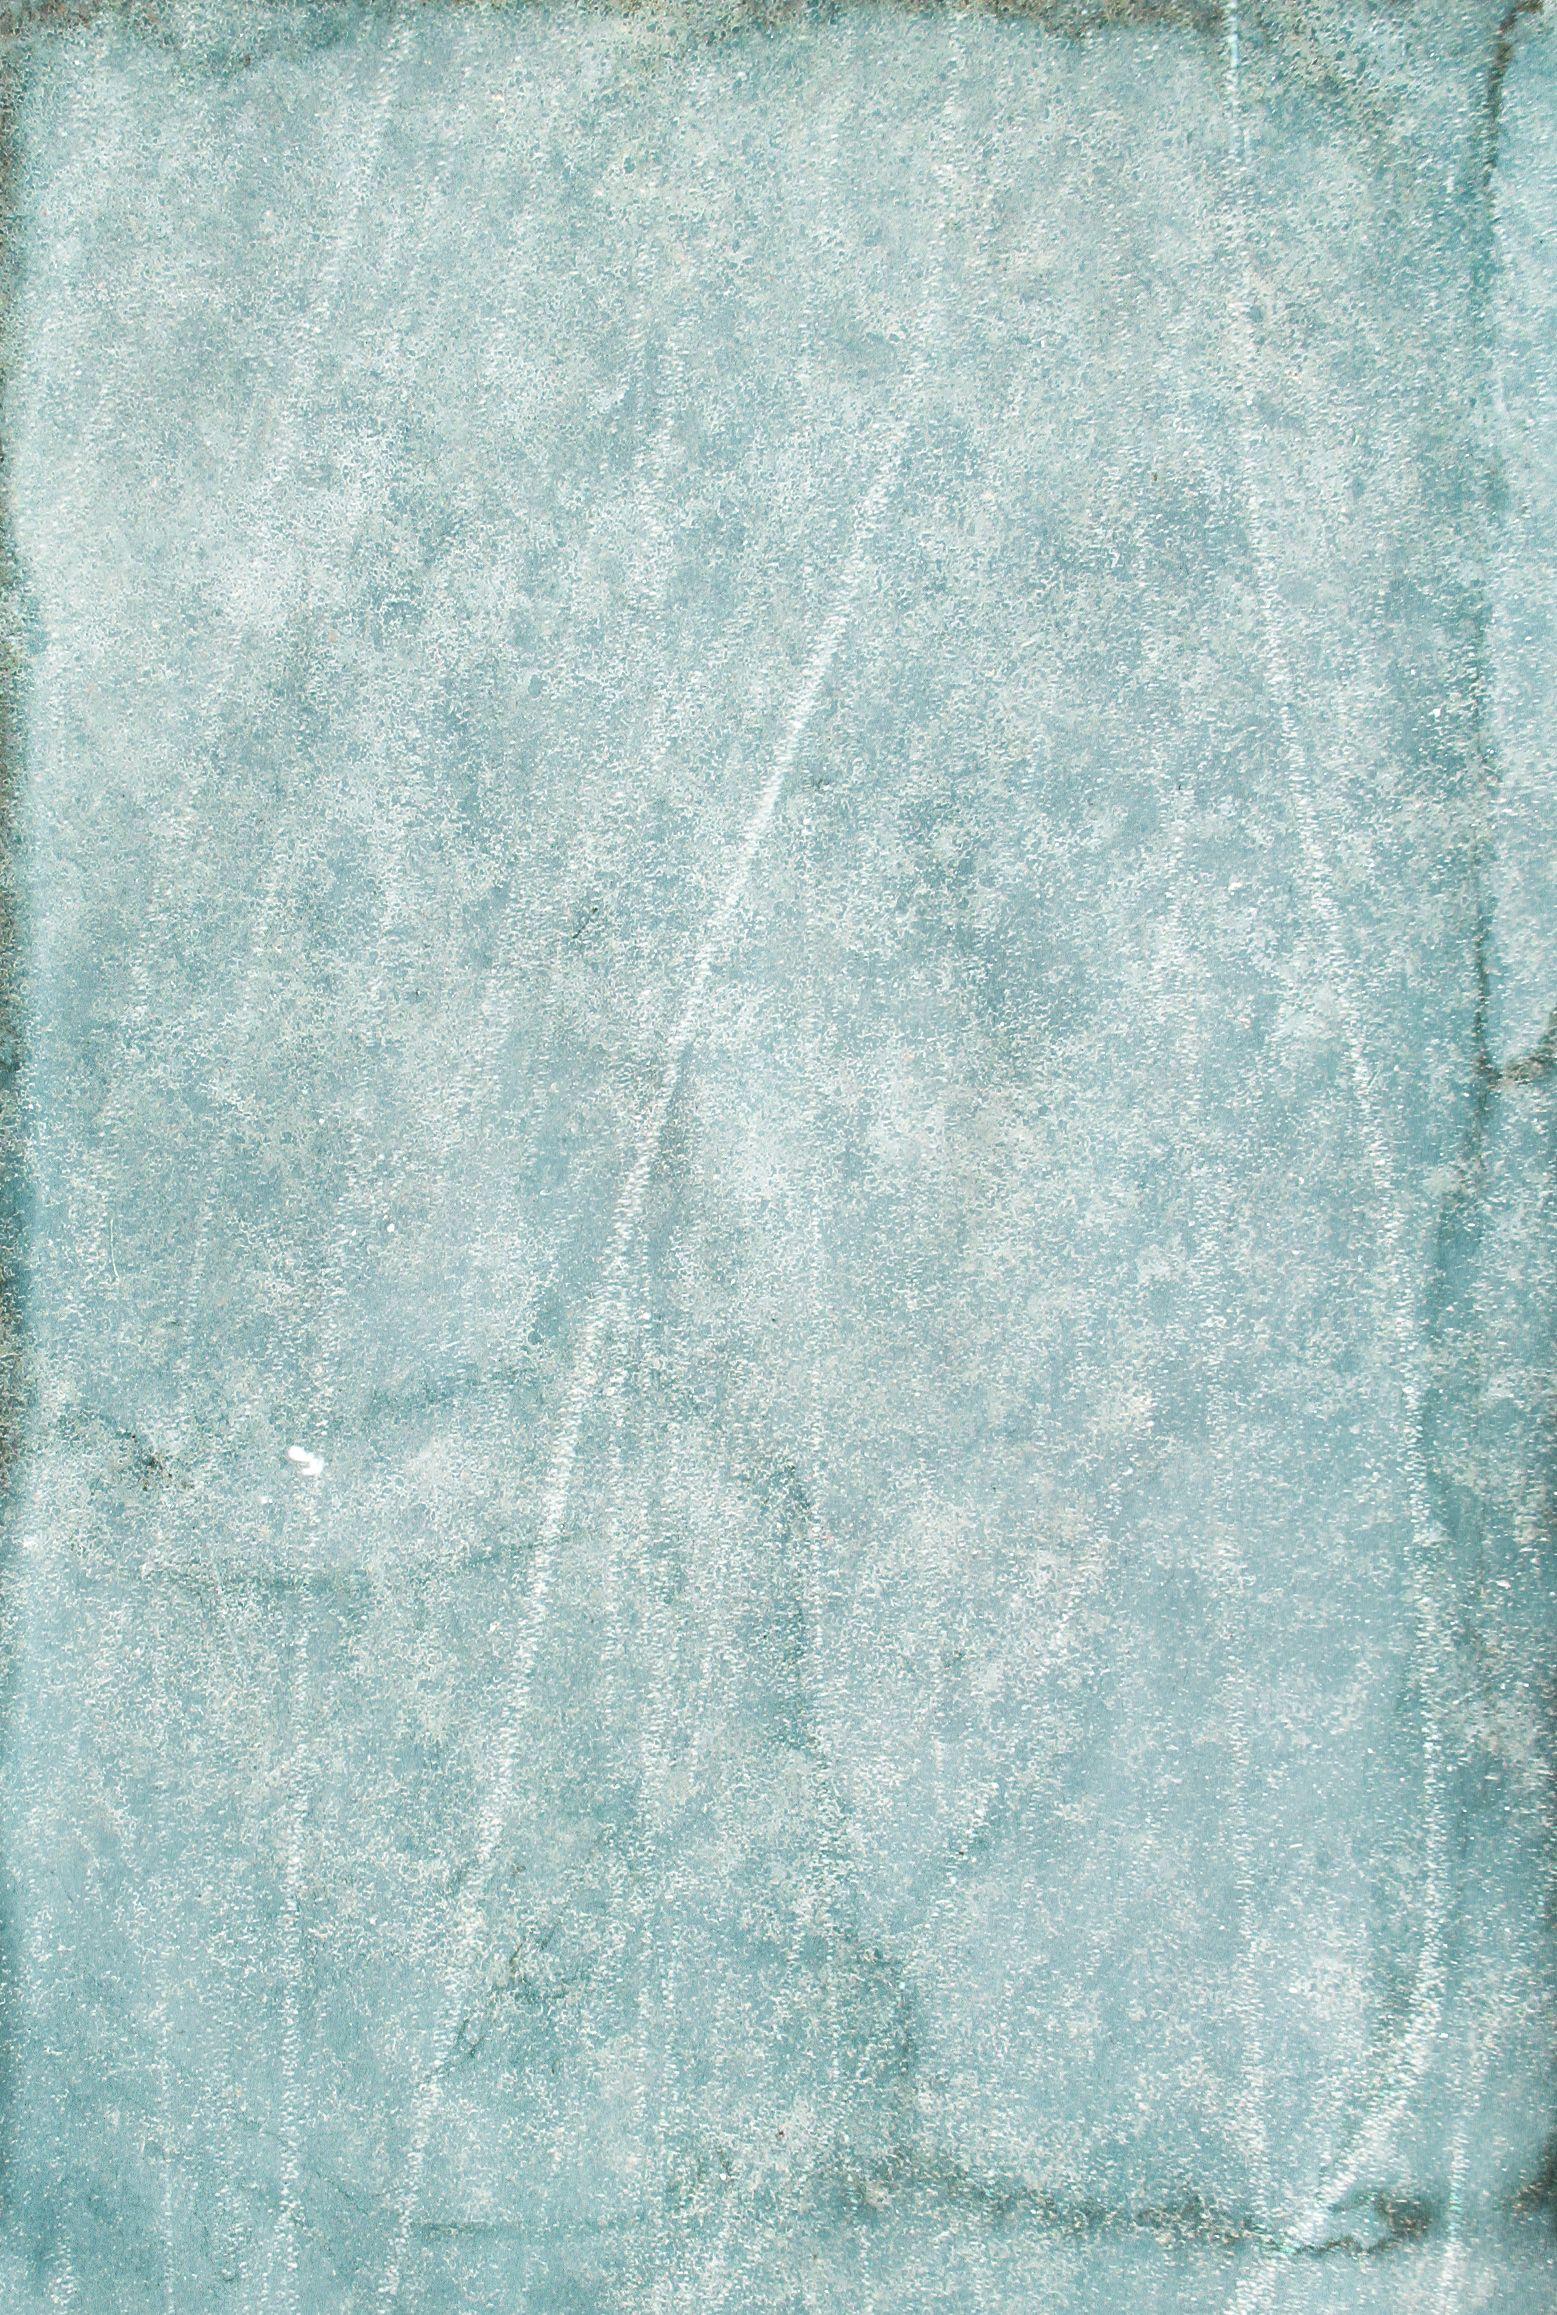 subtlebluegrungetexture2 texuture texture paper